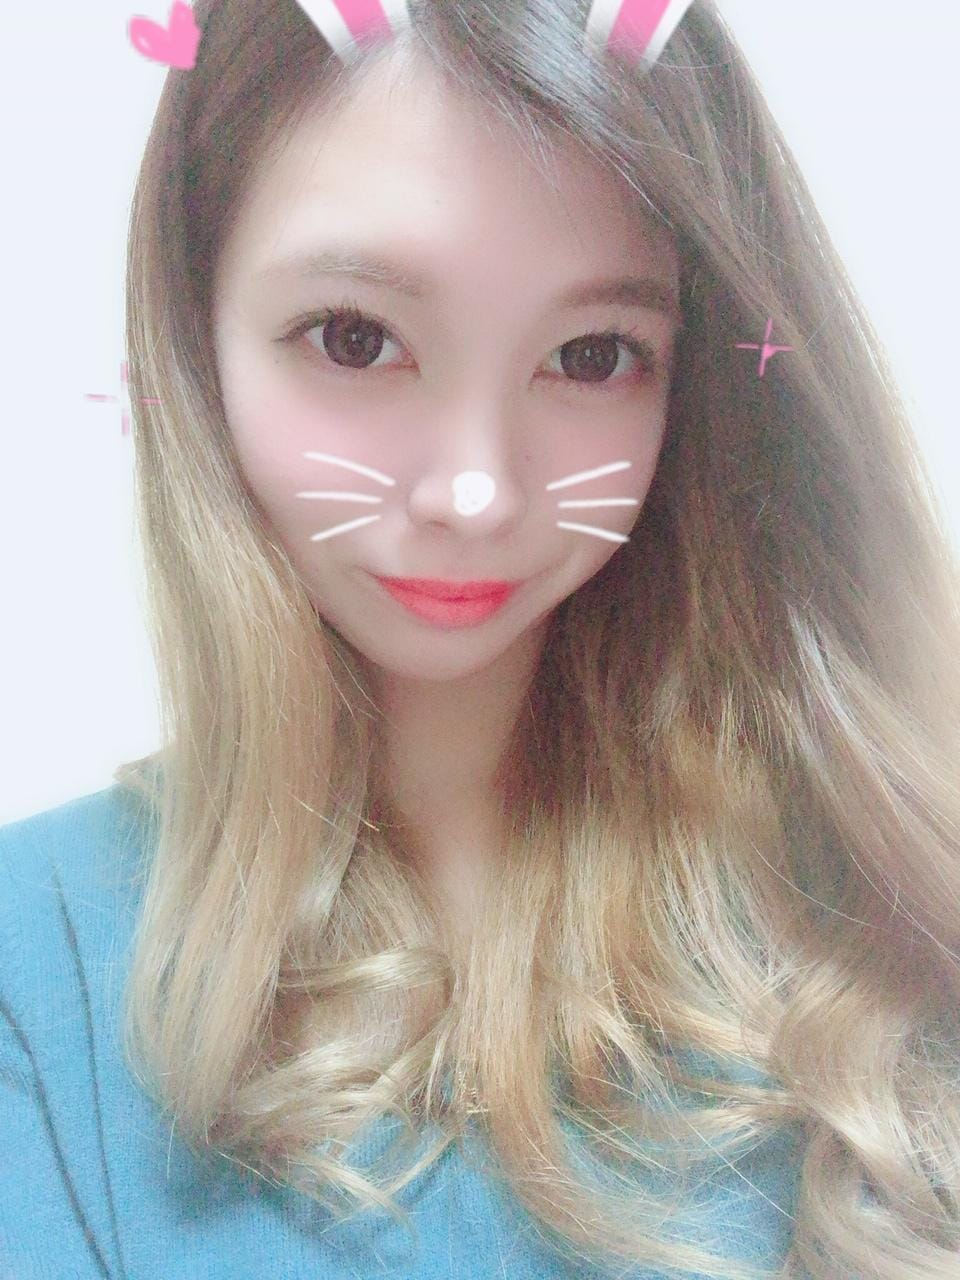 「お礼です✧︎」10/22(月) 23:26 | あいかの写メ・風俗動画